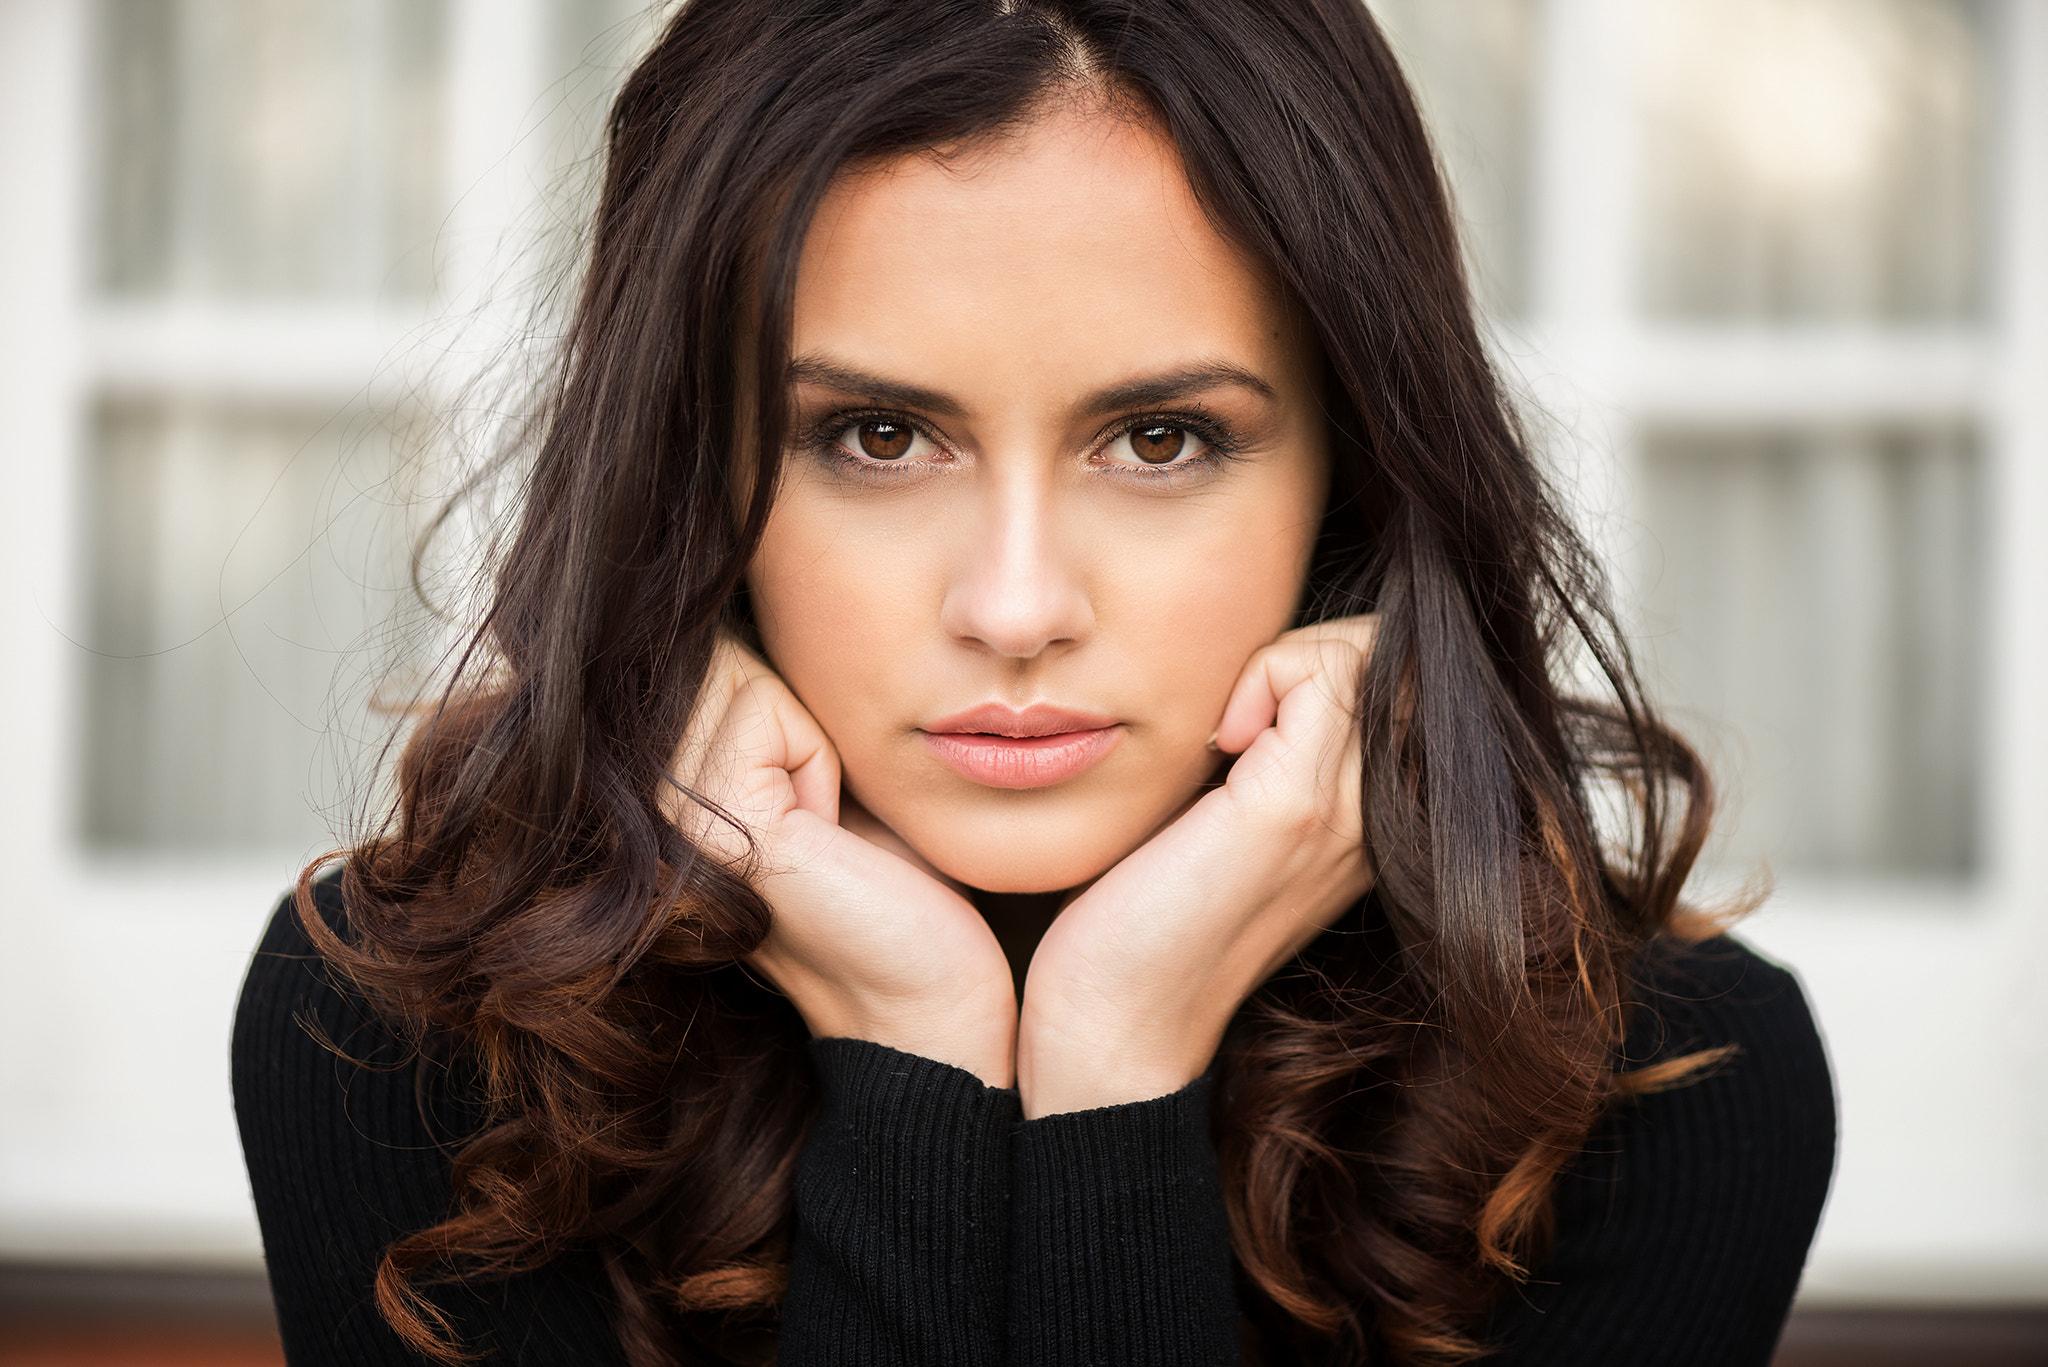 Women Face Portrait Depth Of Field Michelle Rosillo 2048x1367